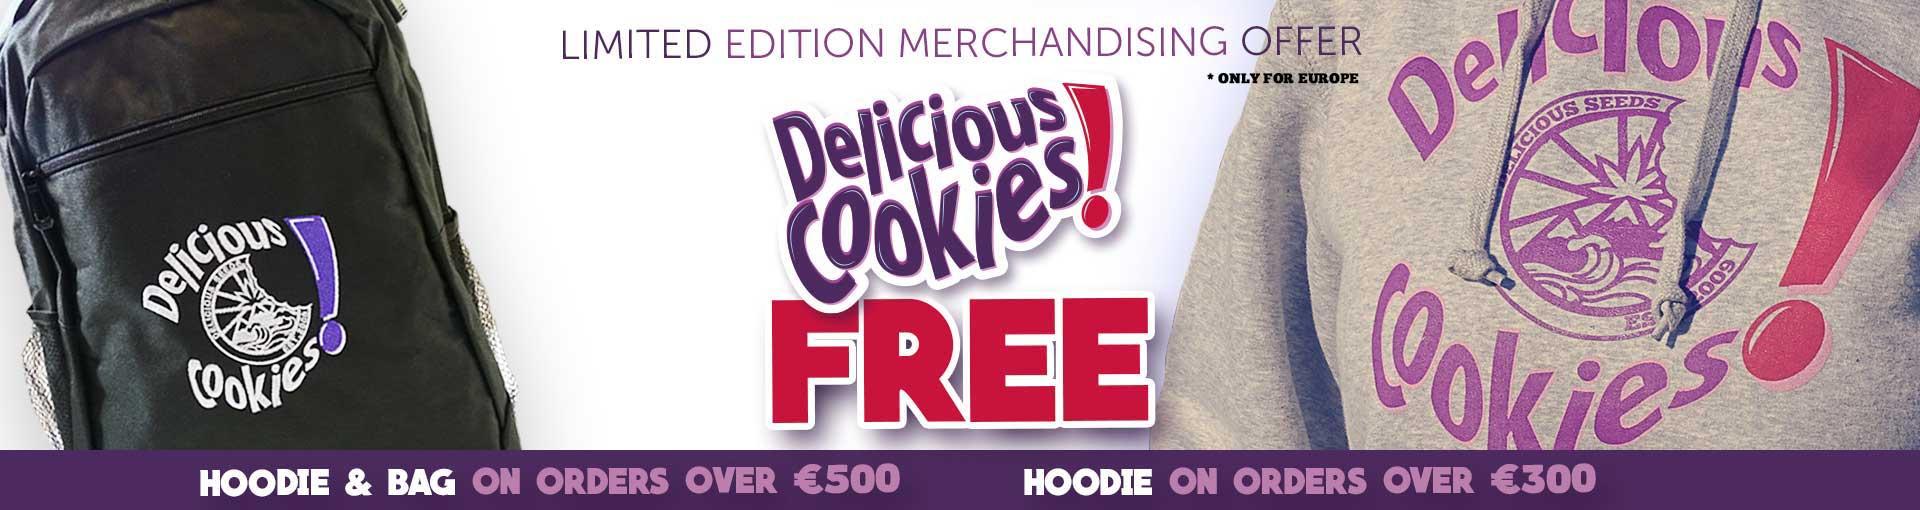 New Hoodies & Bag